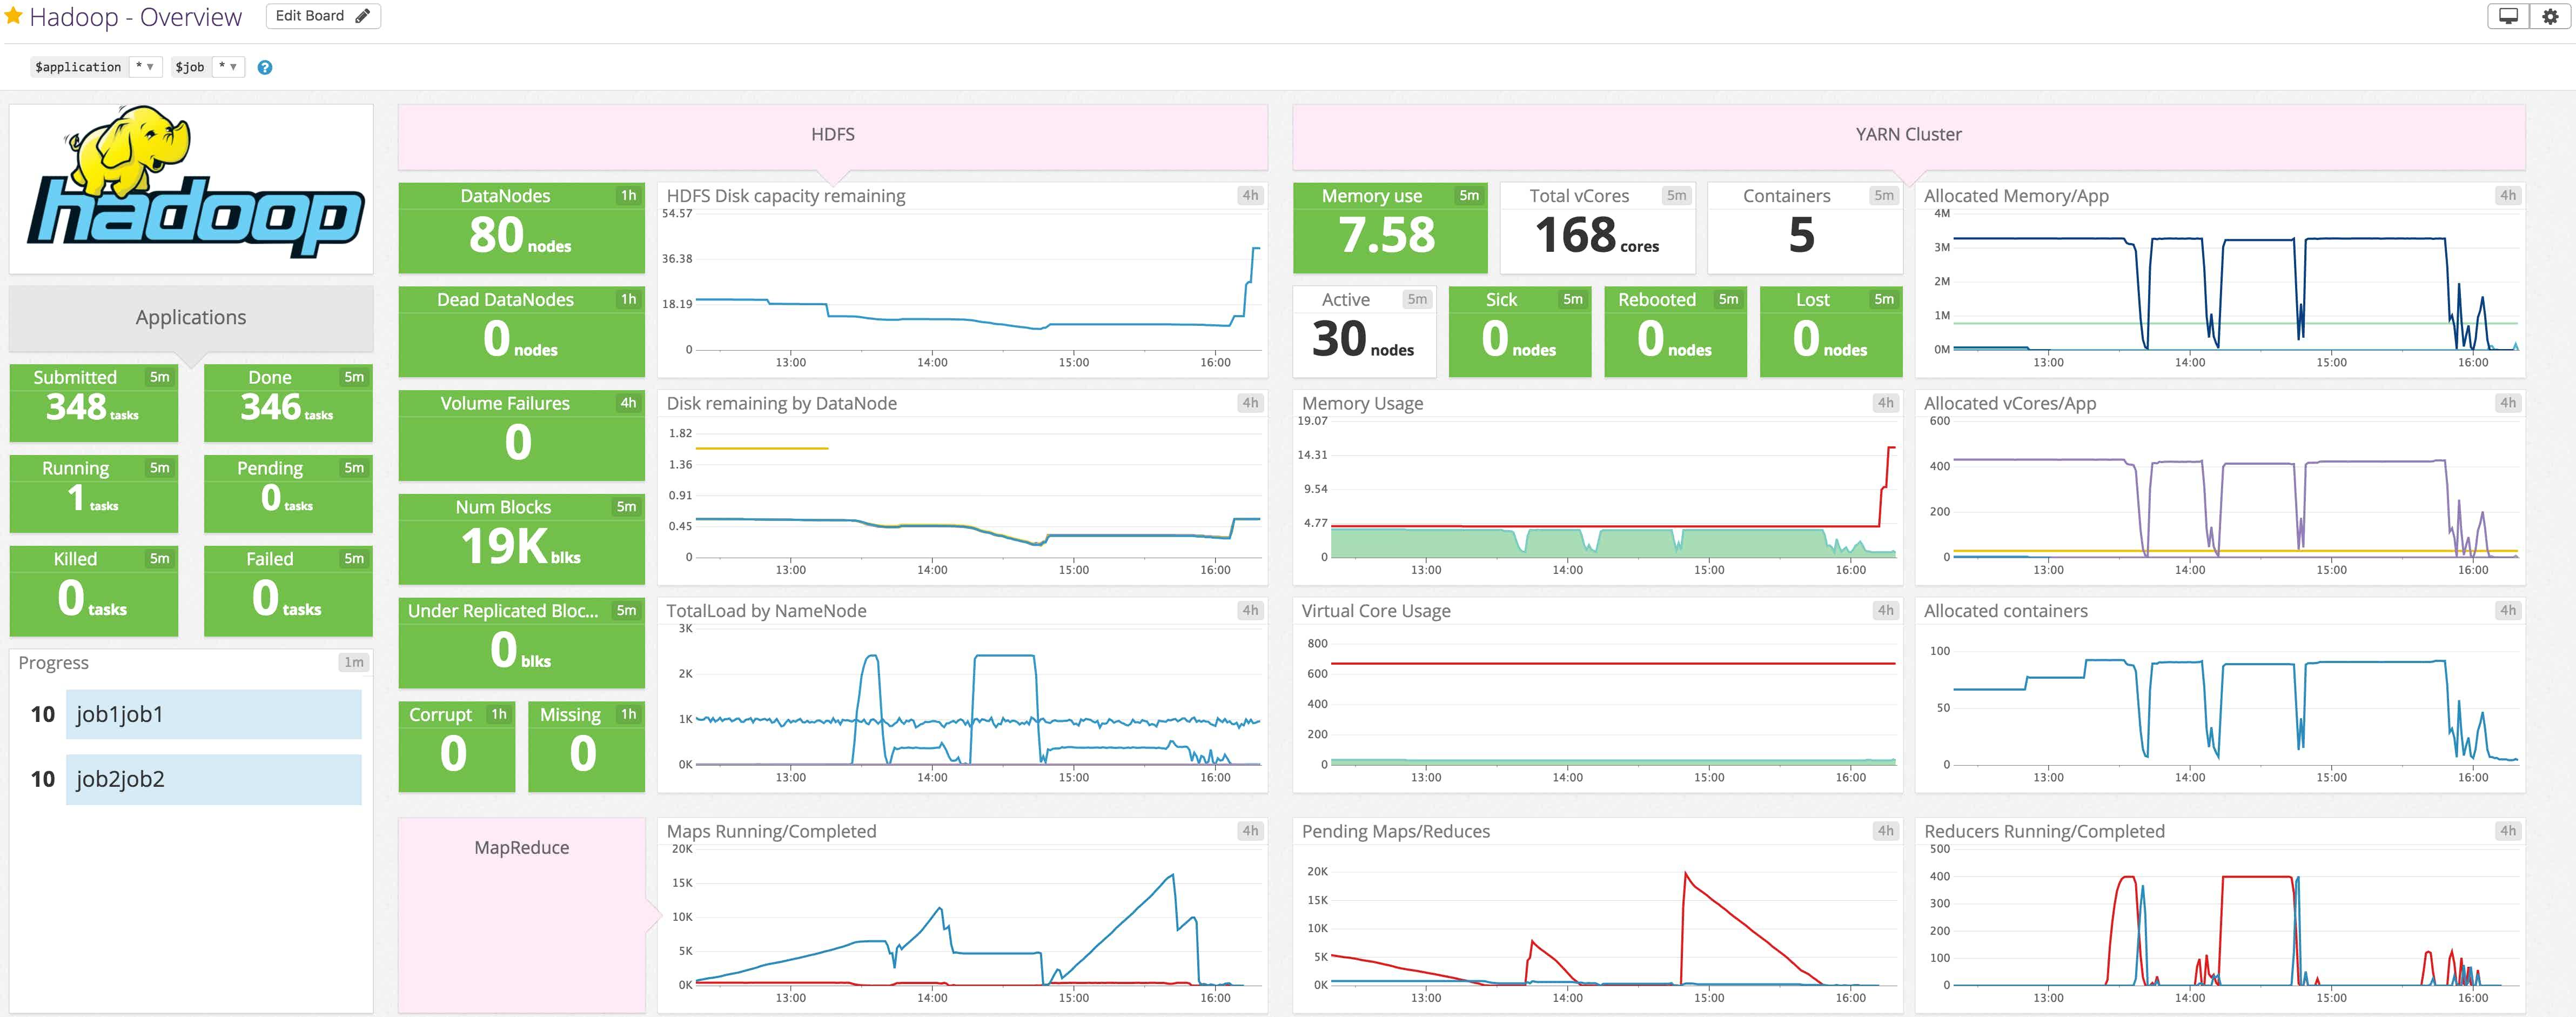 Hadoop dashboard image